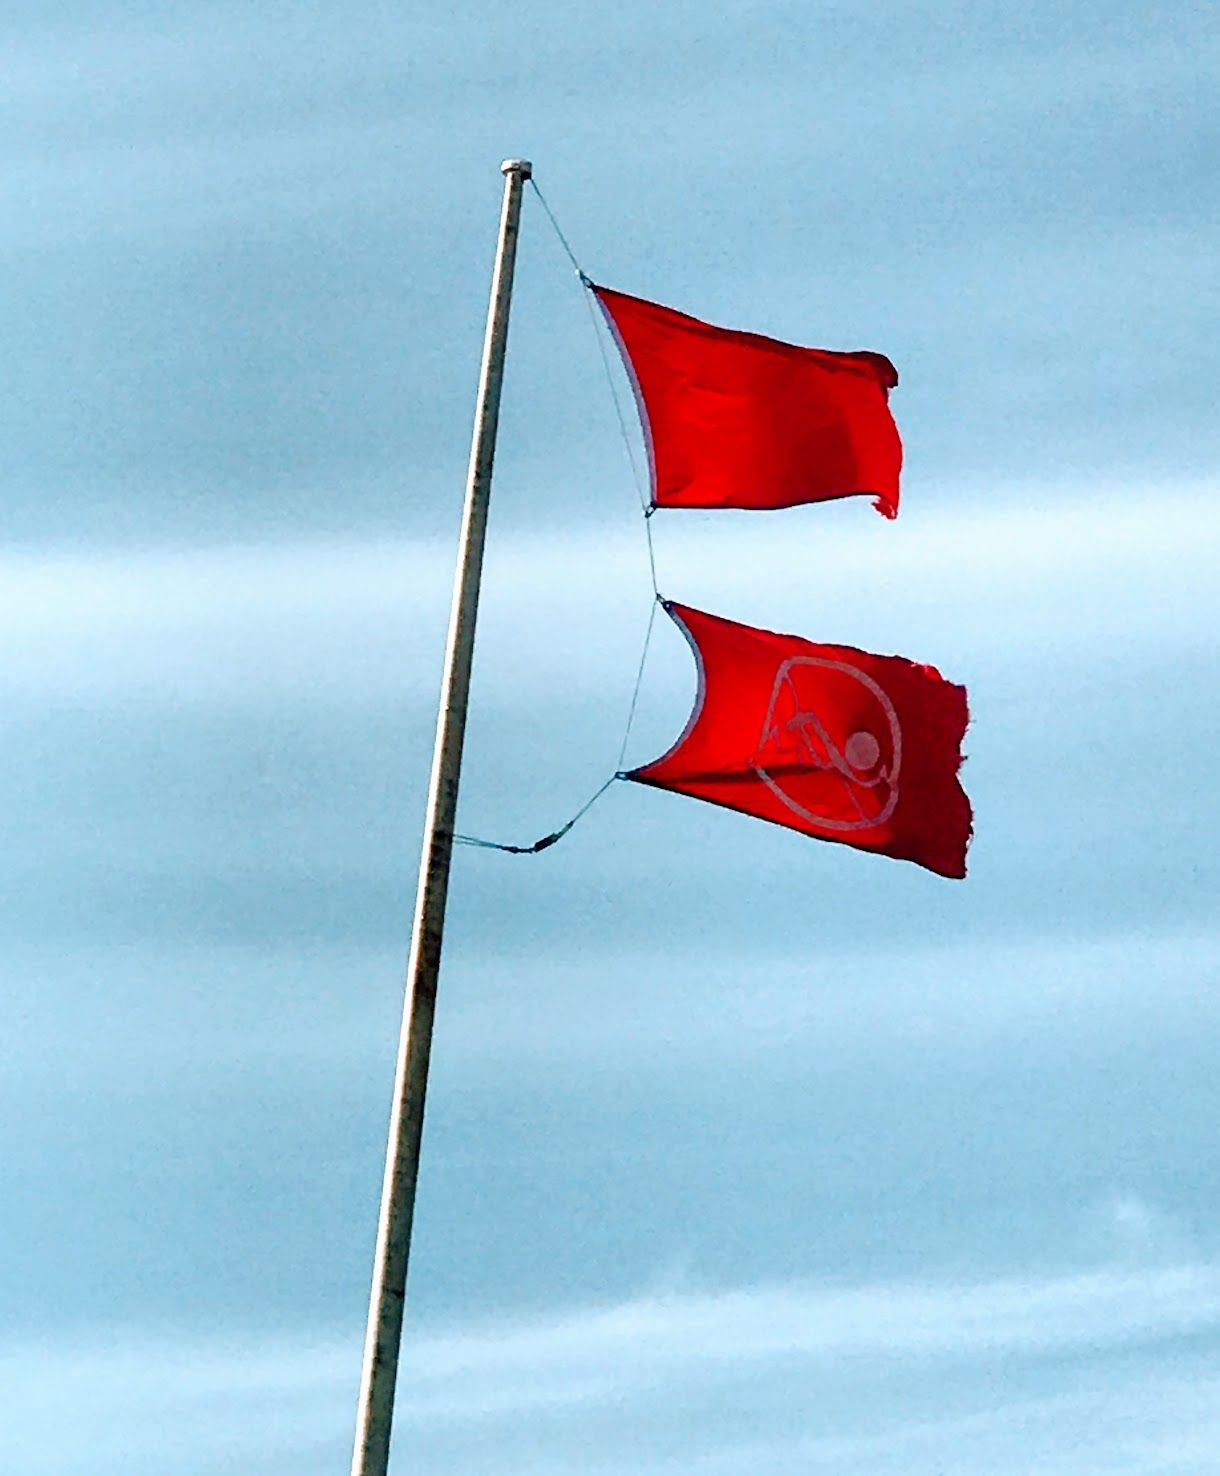 Beach Essentials Know What A Double Red Beach Flag Means Beach Safety South Walton Beach Beach Essentials